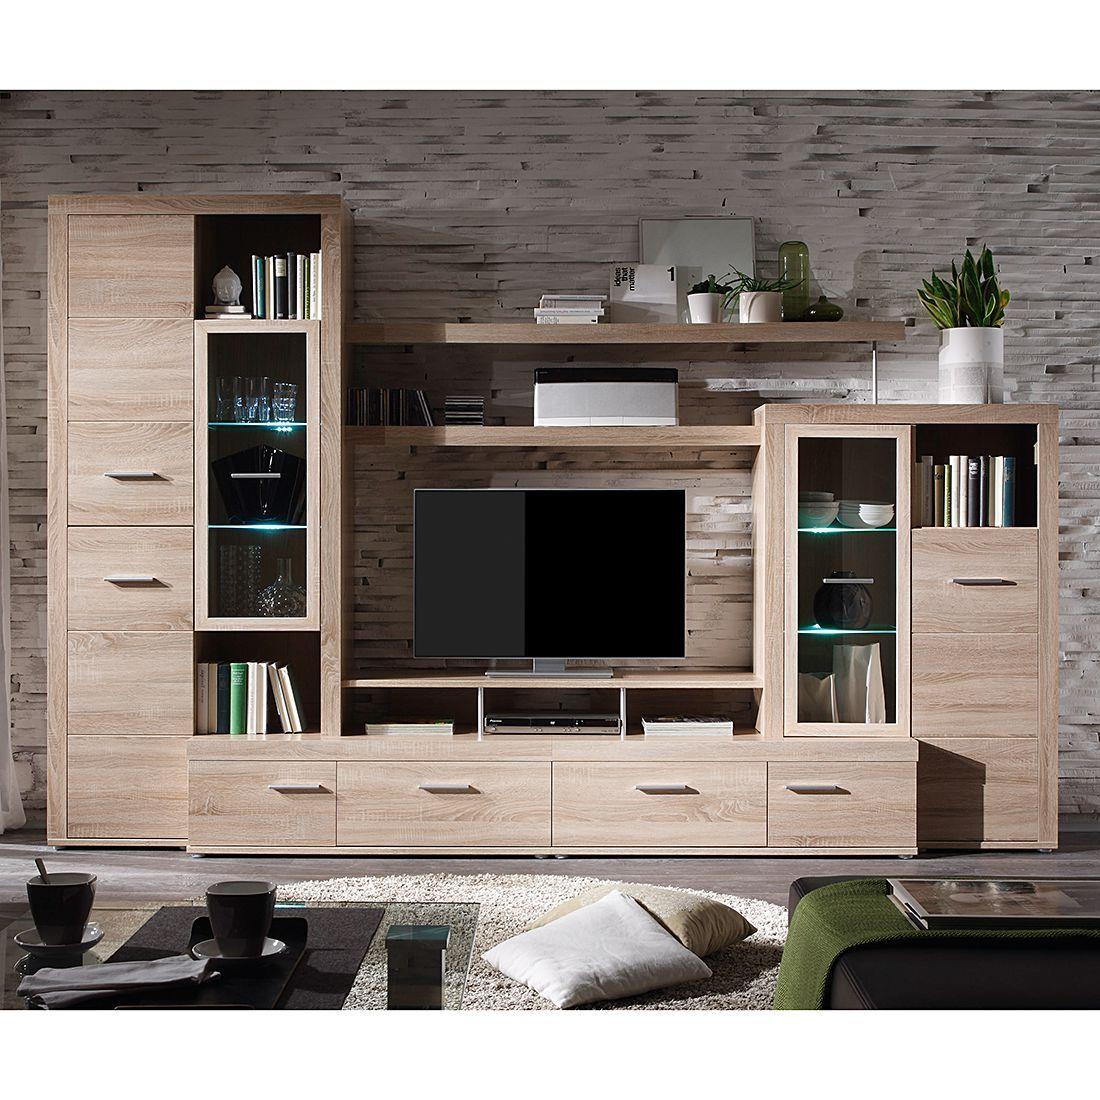 pin von ladendirekt auf schr nke pinterest wohnzimmer m bel und wohnen. Black Bedroom Furniture Sets. Home Design Ideas